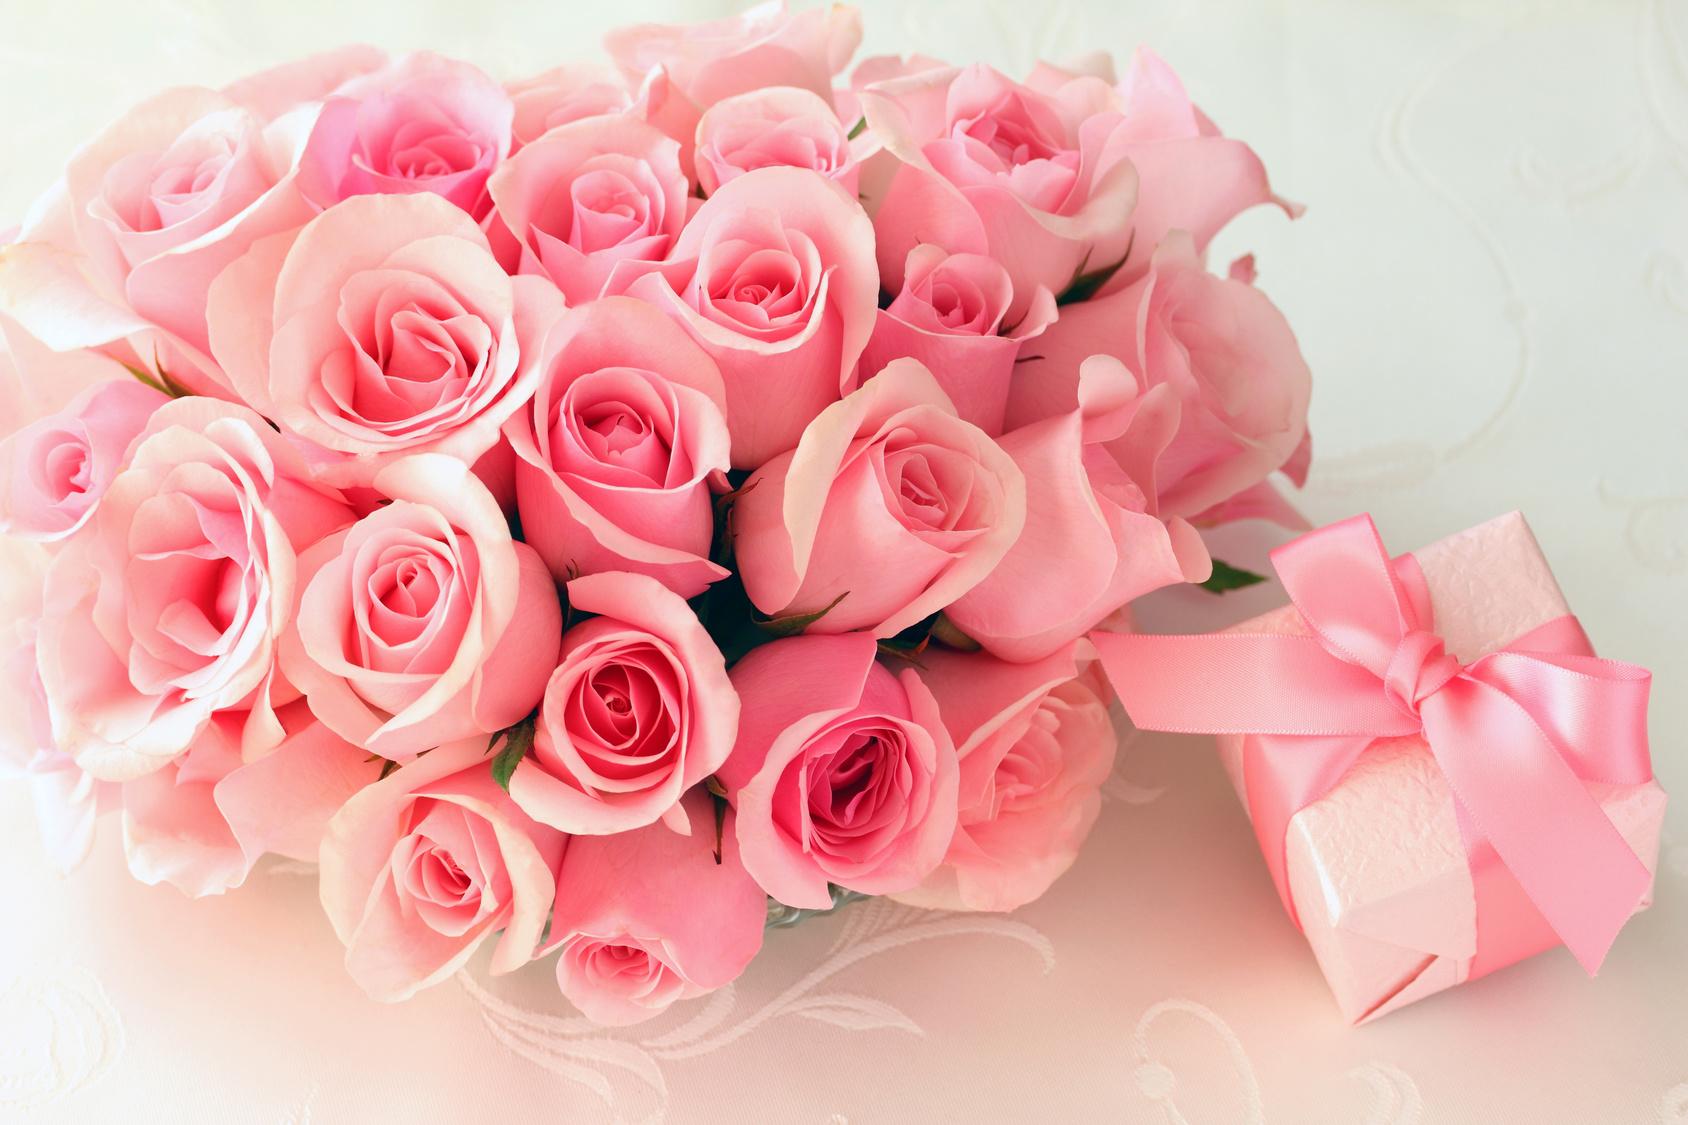 「花のギフトホワイトデー」の画像検索結果